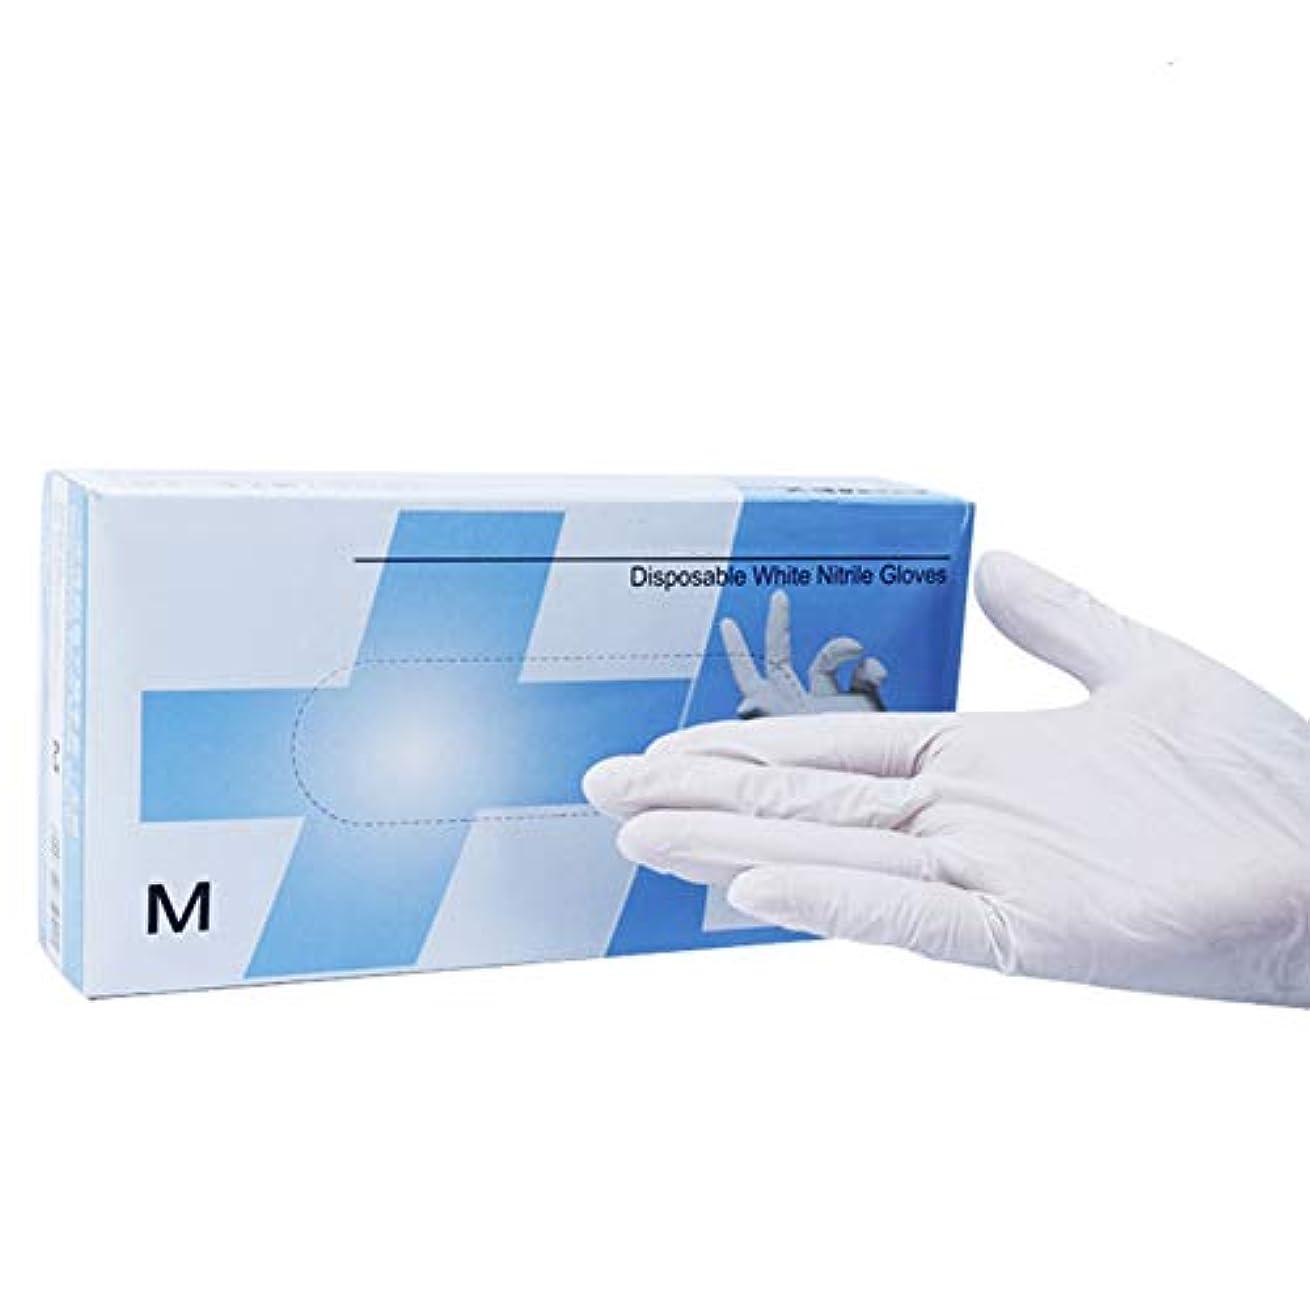 公爵マディソン慢性的パウダーフリー 生殖不能 メディカル 白 ニトリル 手袋、 使い捨て 安全性 滑り止め ビニール 検査 グローブ、 に適し クリーニング、 食品加工、 (100個/ 1箱),L